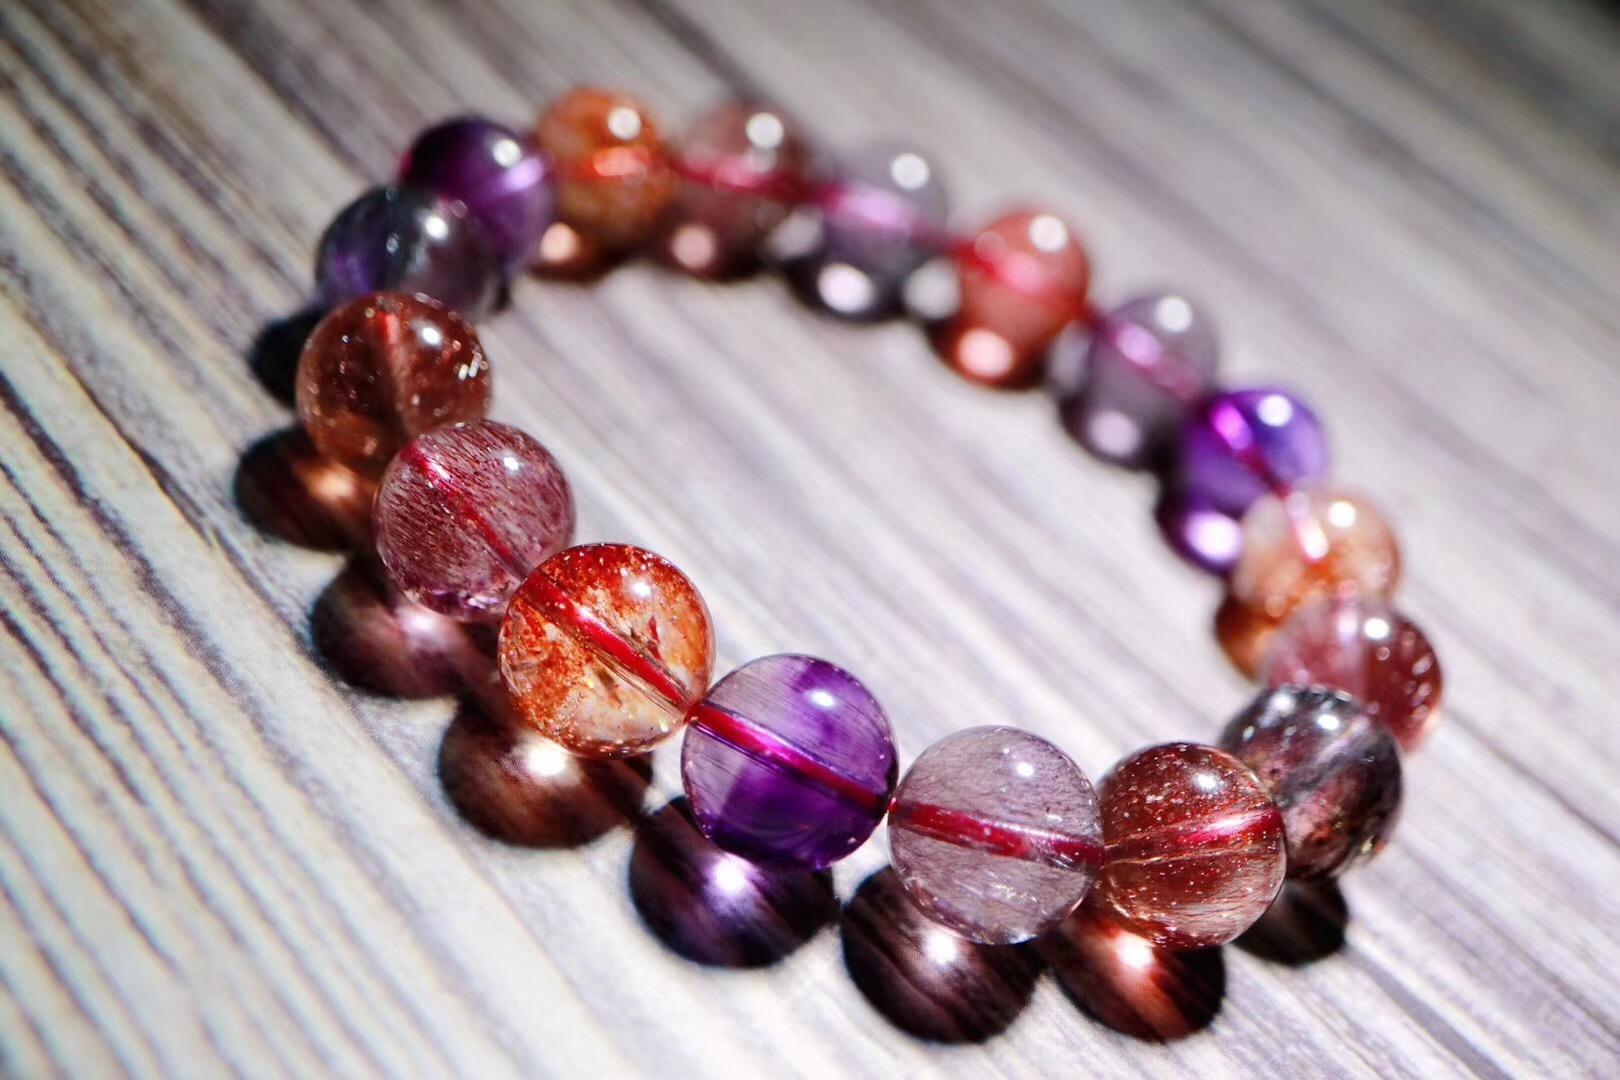 【极品超七|紫发晶】 美则美矣,梦幻至极又兼具灵气~-菩心晶舍